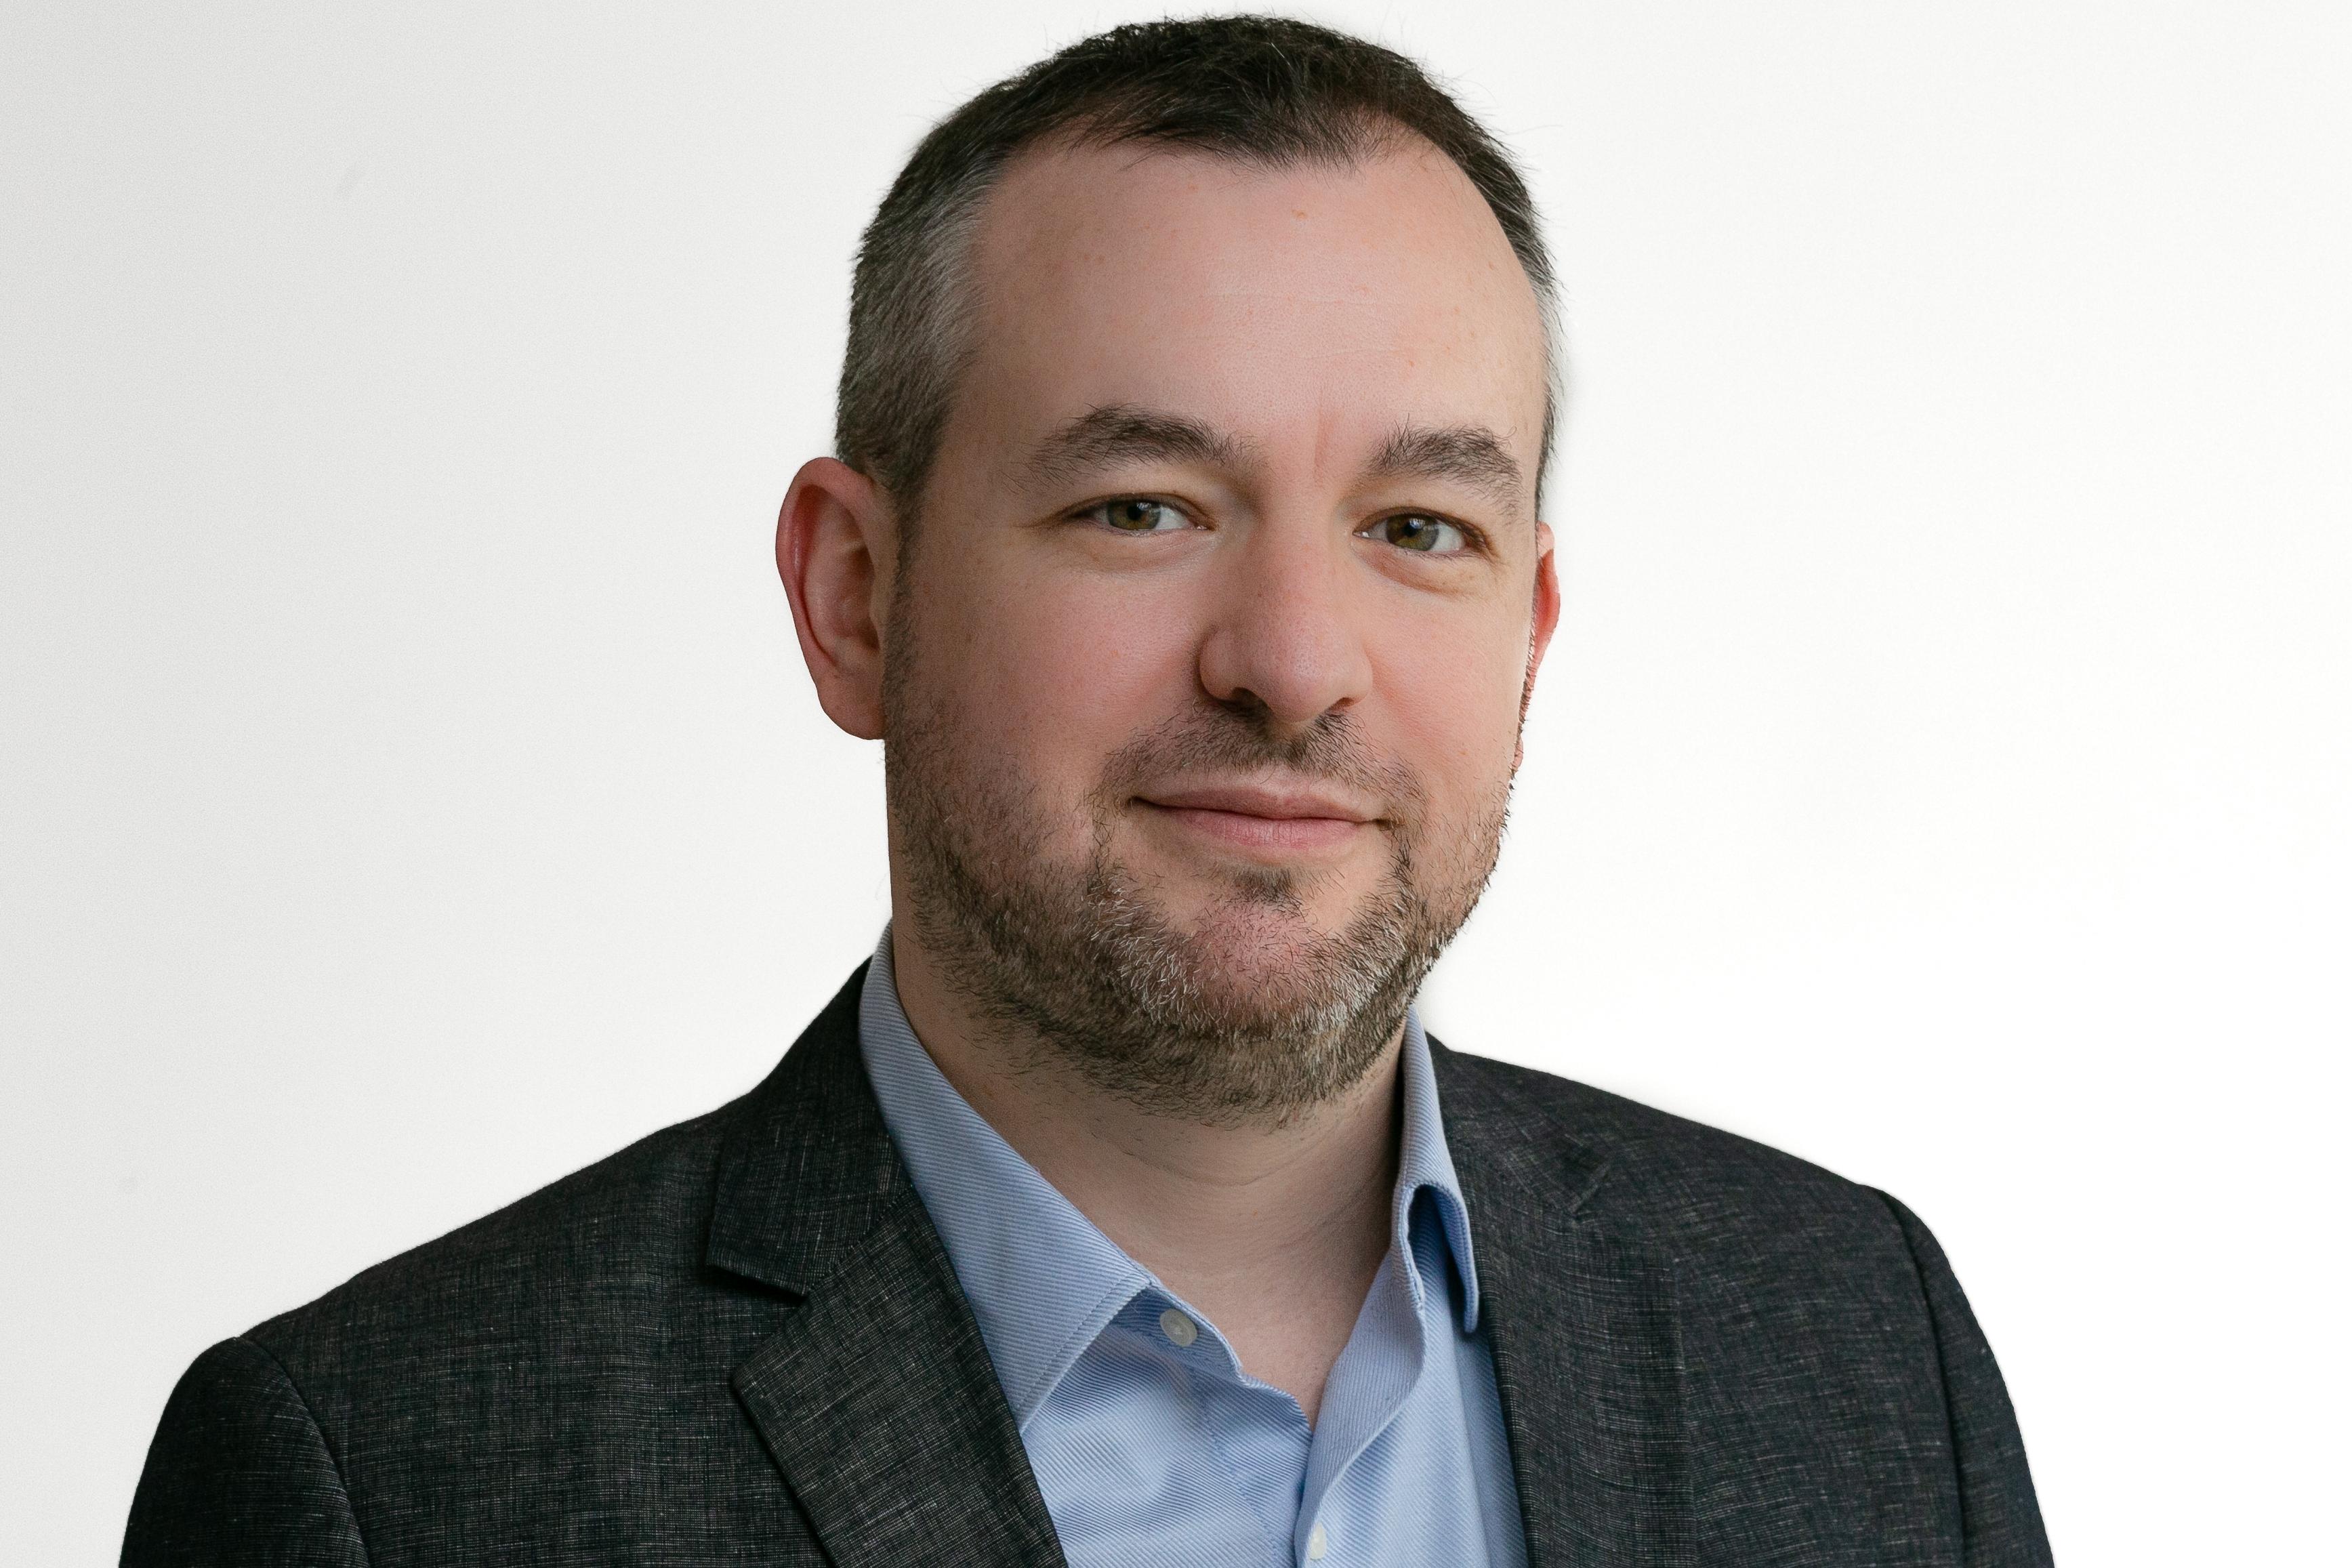 Adam Radwanski